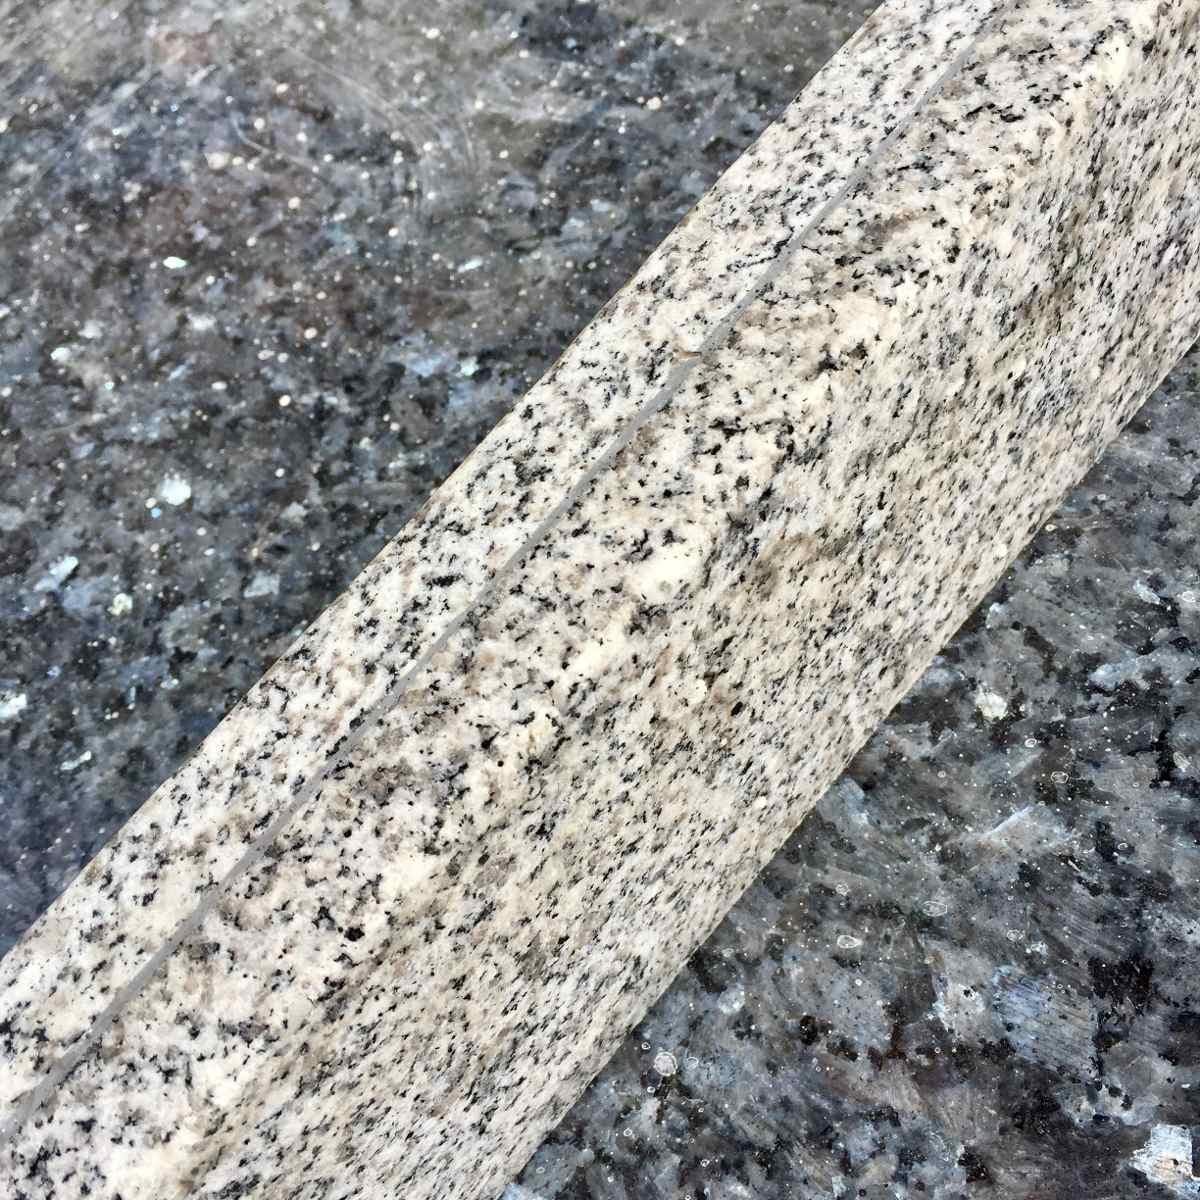 Zocalo doble ducha granito marmol 10 cm de altura 820 for Marmol granito colores